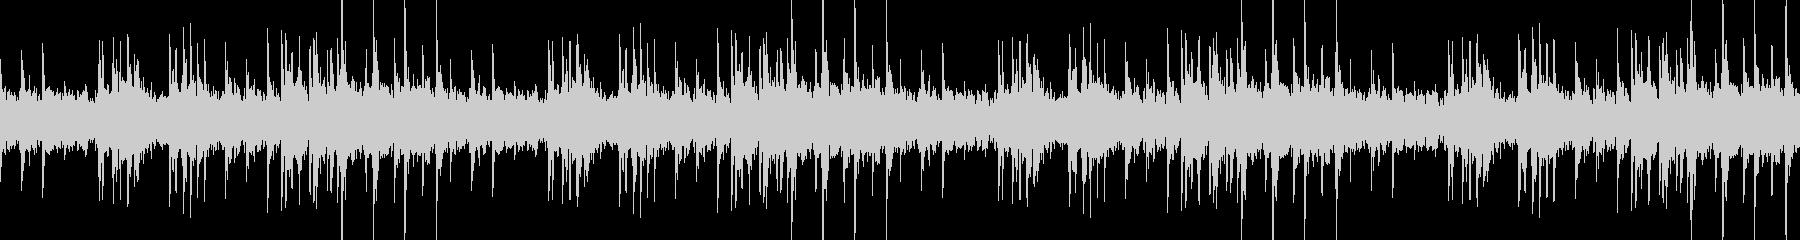 ハープの音色が切ない幻想的なBGMの未再生の波形